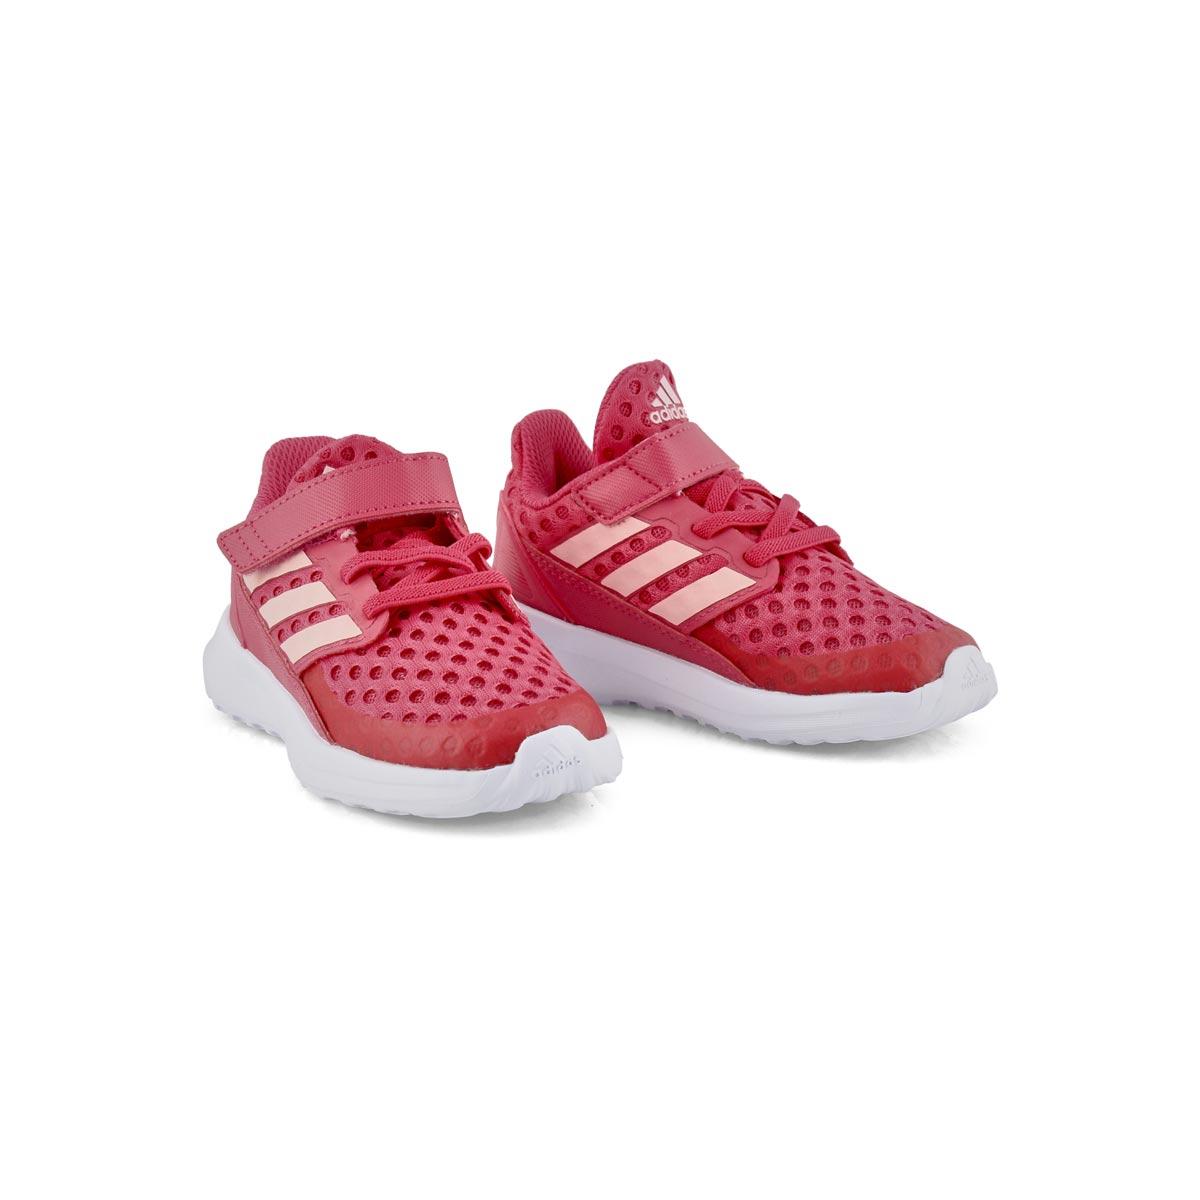 Chaussures de course RAPID RUN, rose/blanc, bébés